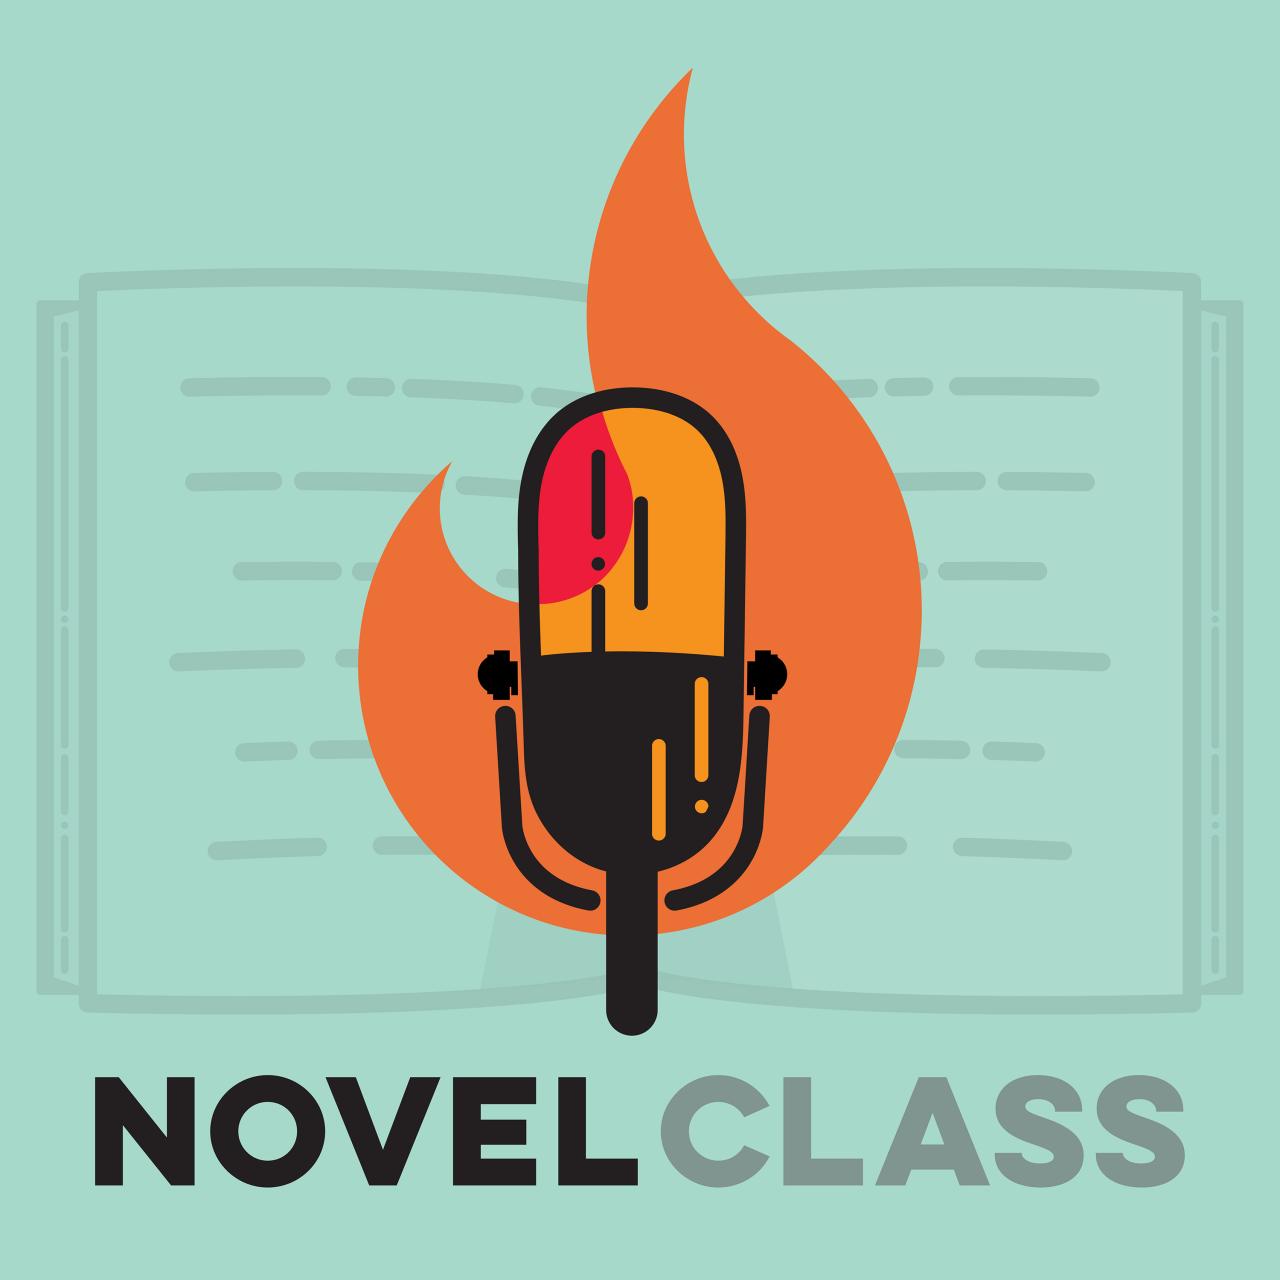 novelclass-logo-2